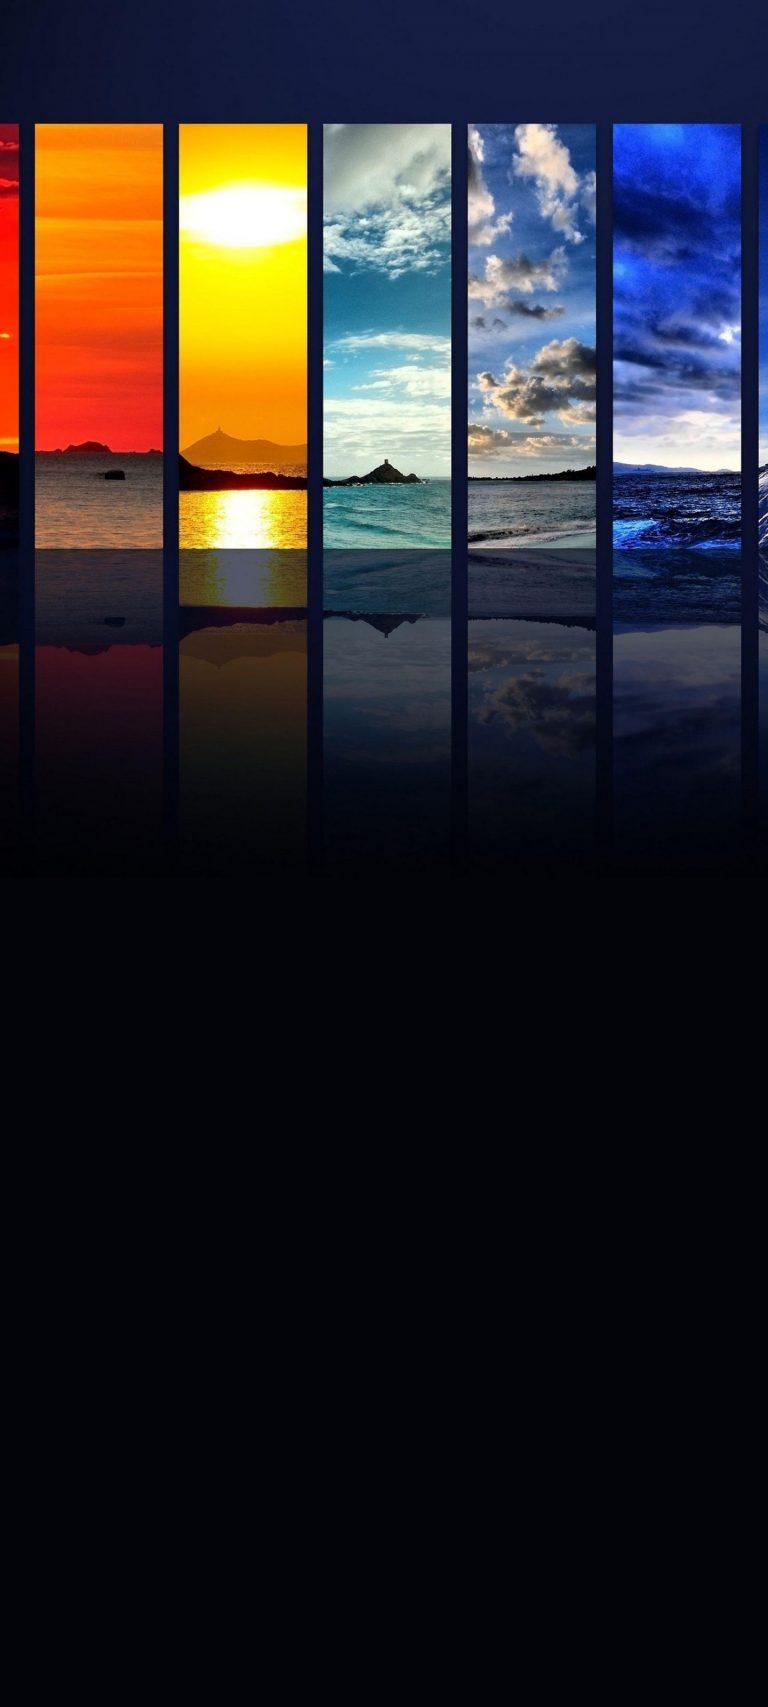 1440x3200 HD Wallpaper 292 768x1707 - 1440x3200 HD Wallpaper - 292